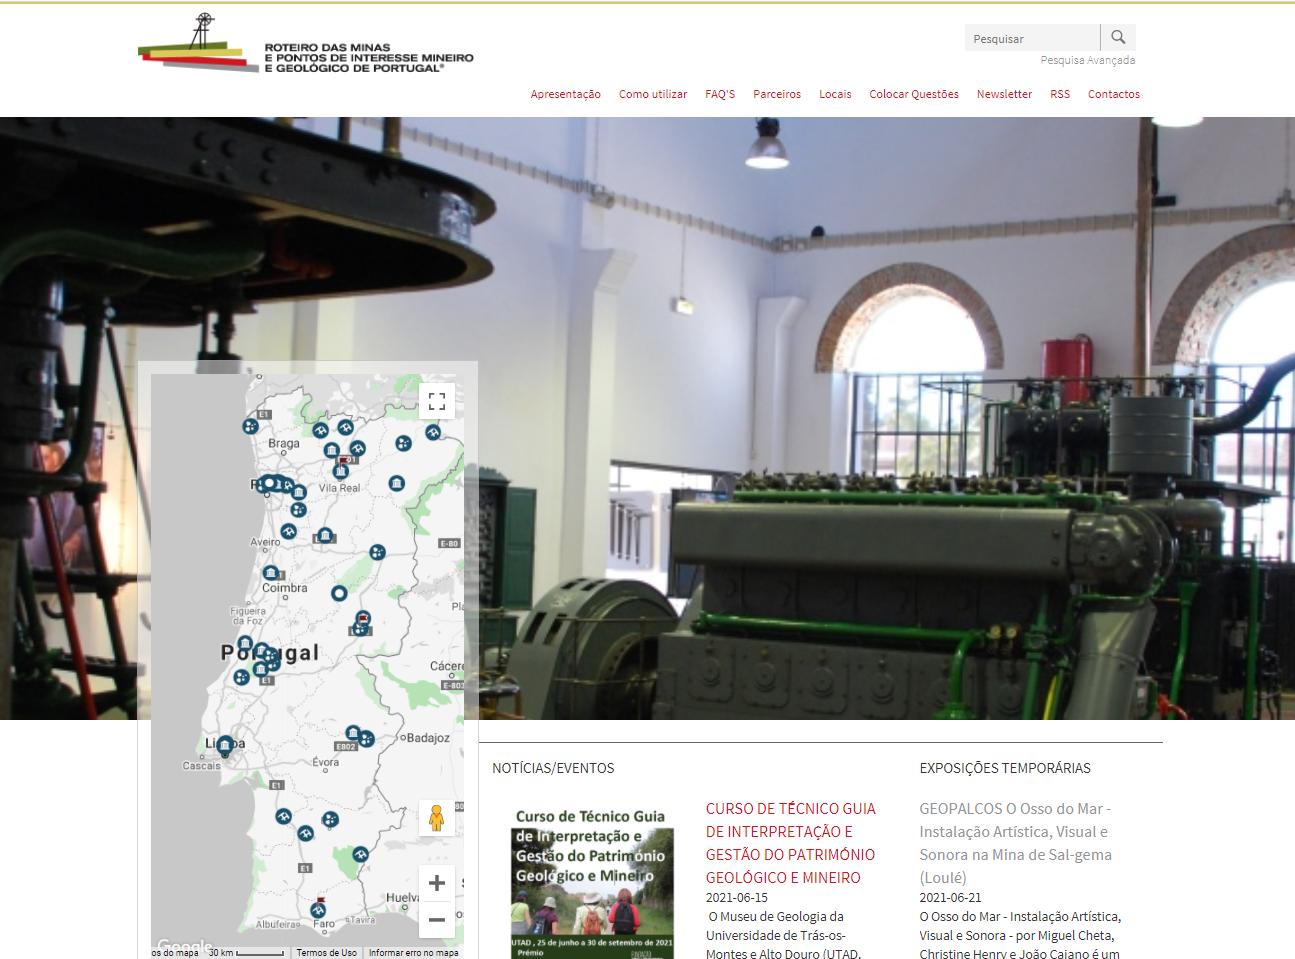 Roteiro das Minas e Pontos de Interesse Mineiro e Geológico de Portugal